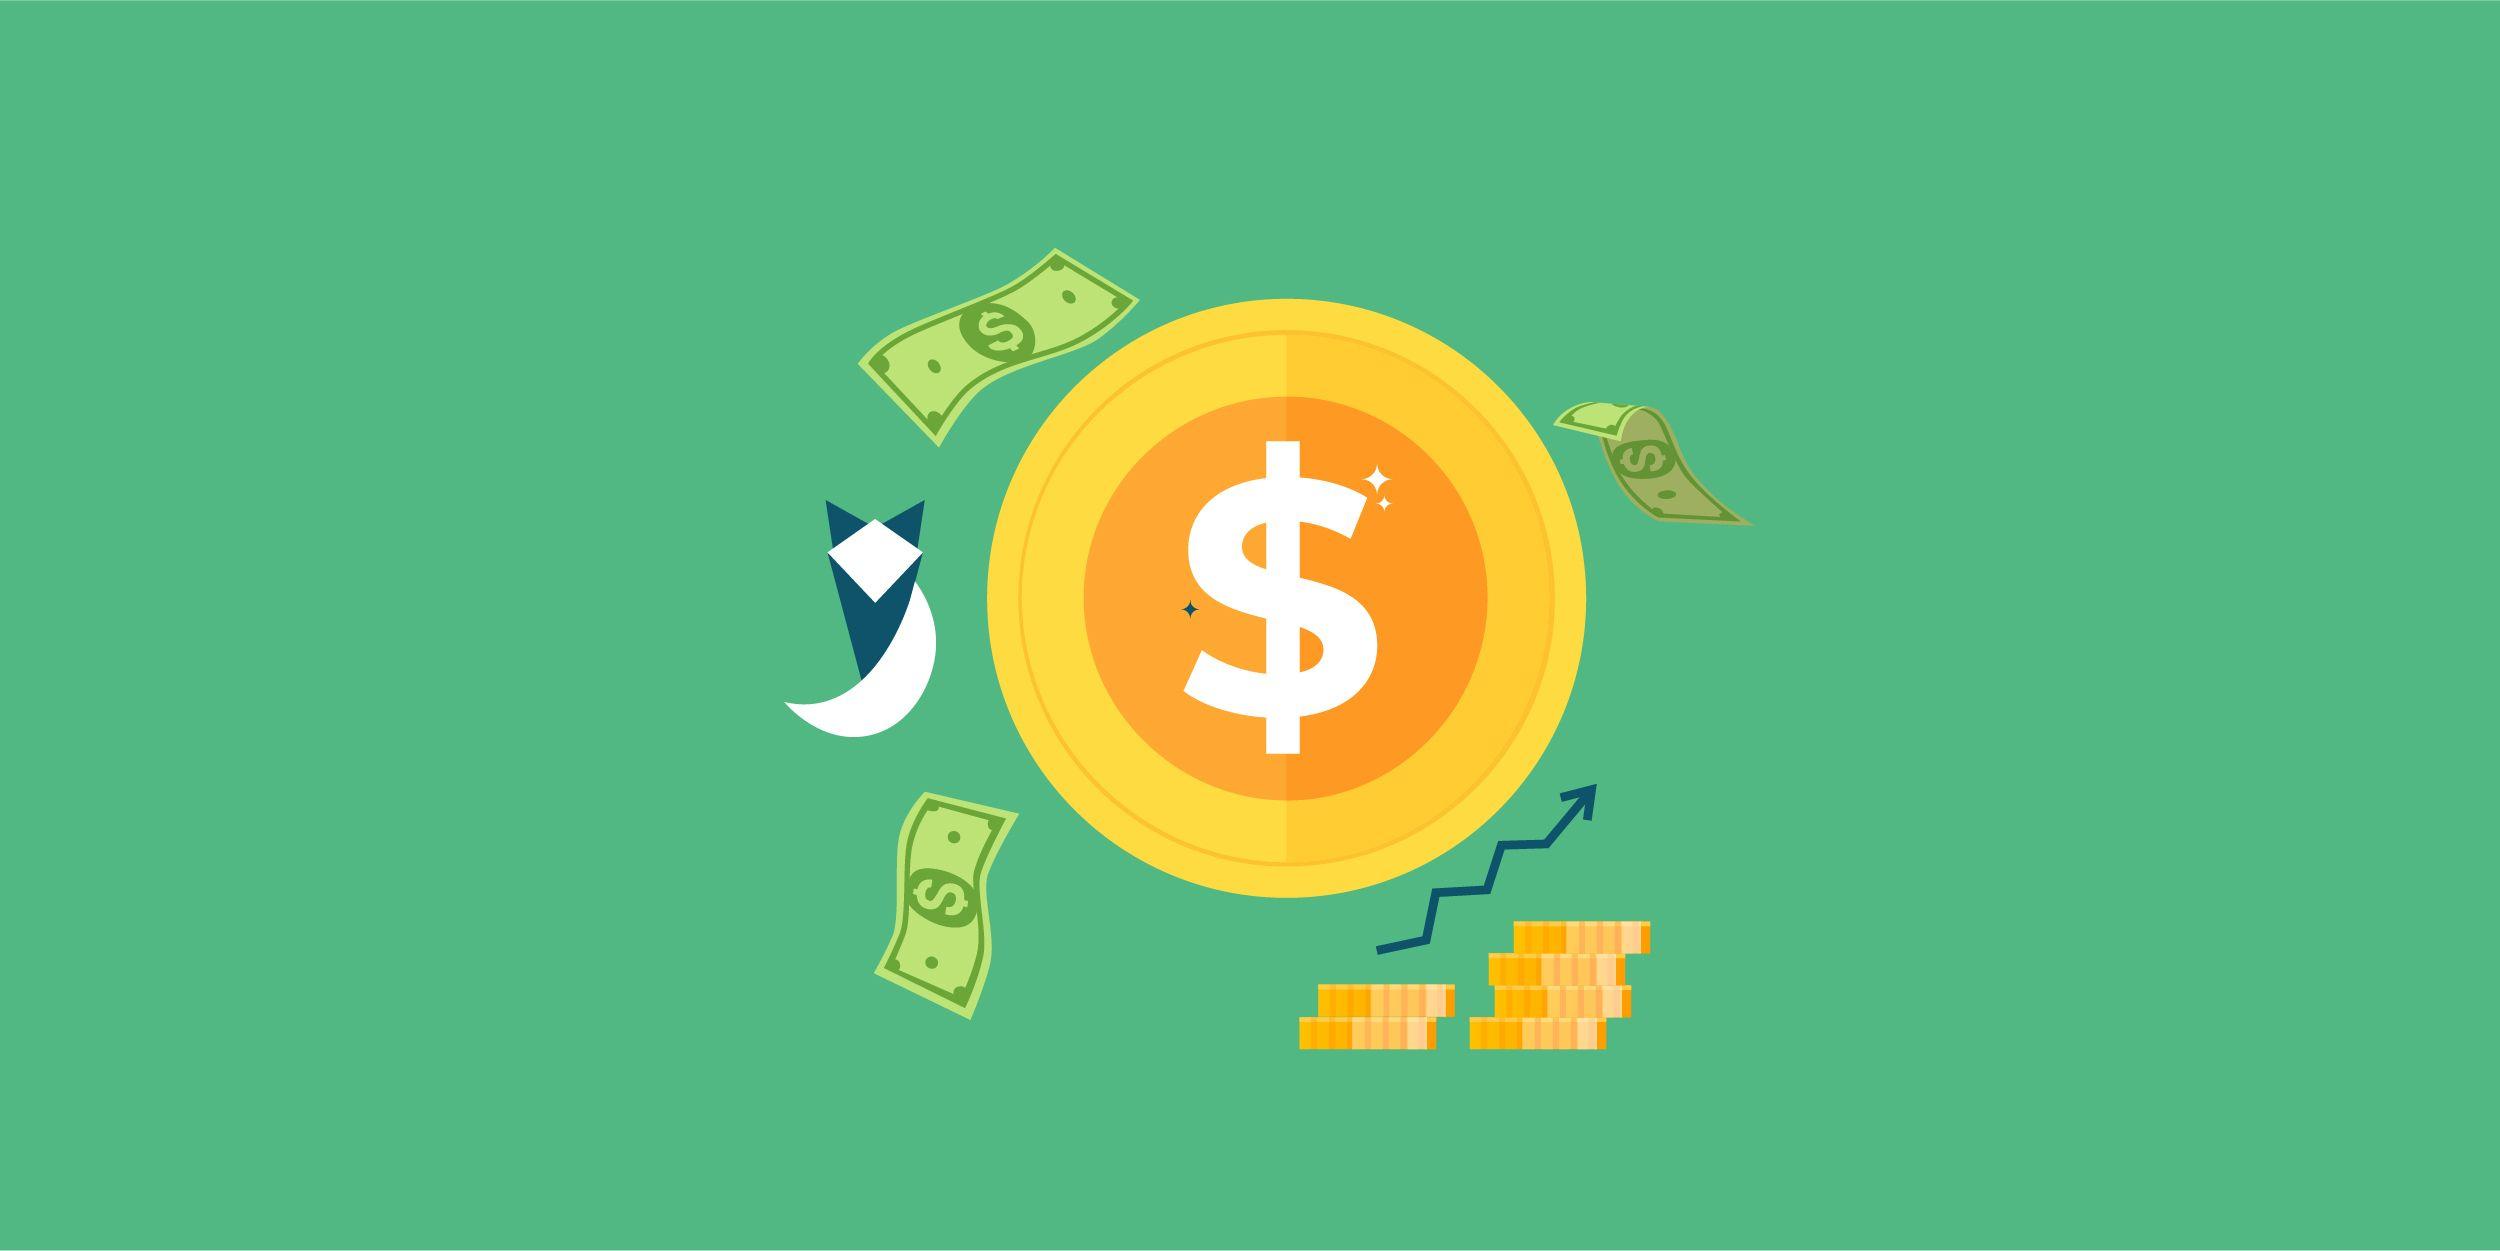 سعر الدولار في البنوك المصرية اليوم:  5 يوليو 2021